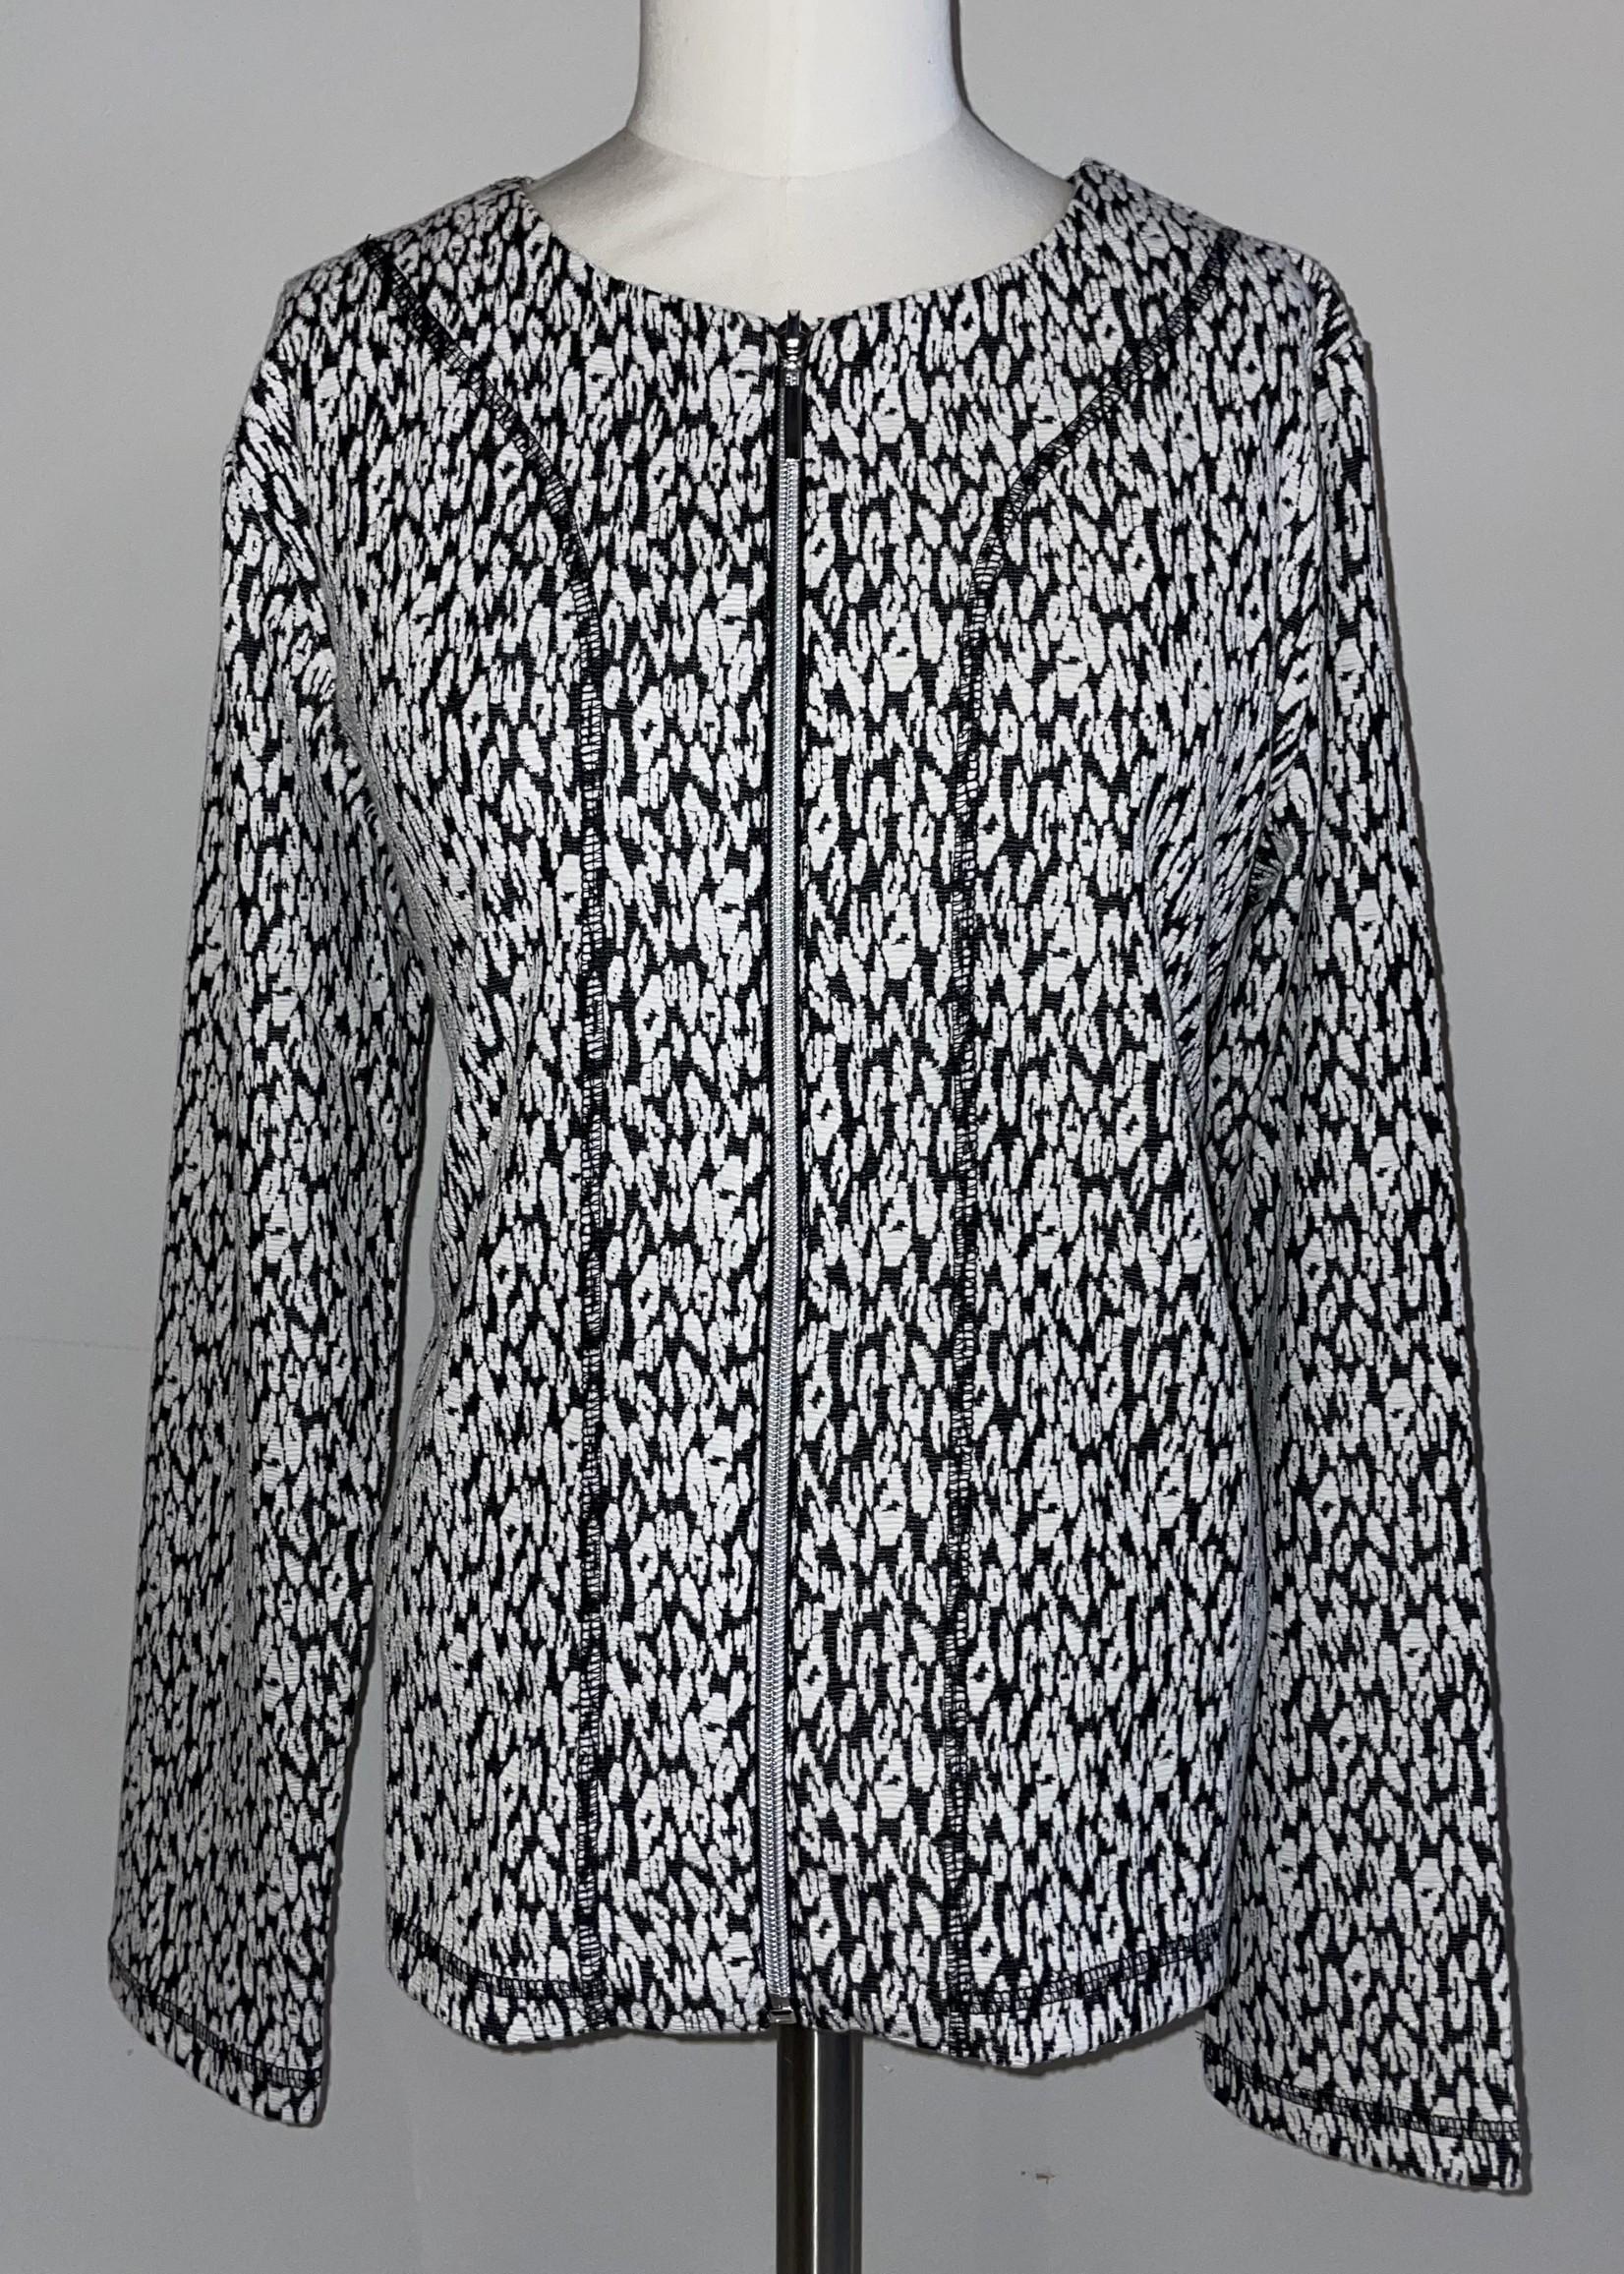 Sunday Black & White Zip Jacket